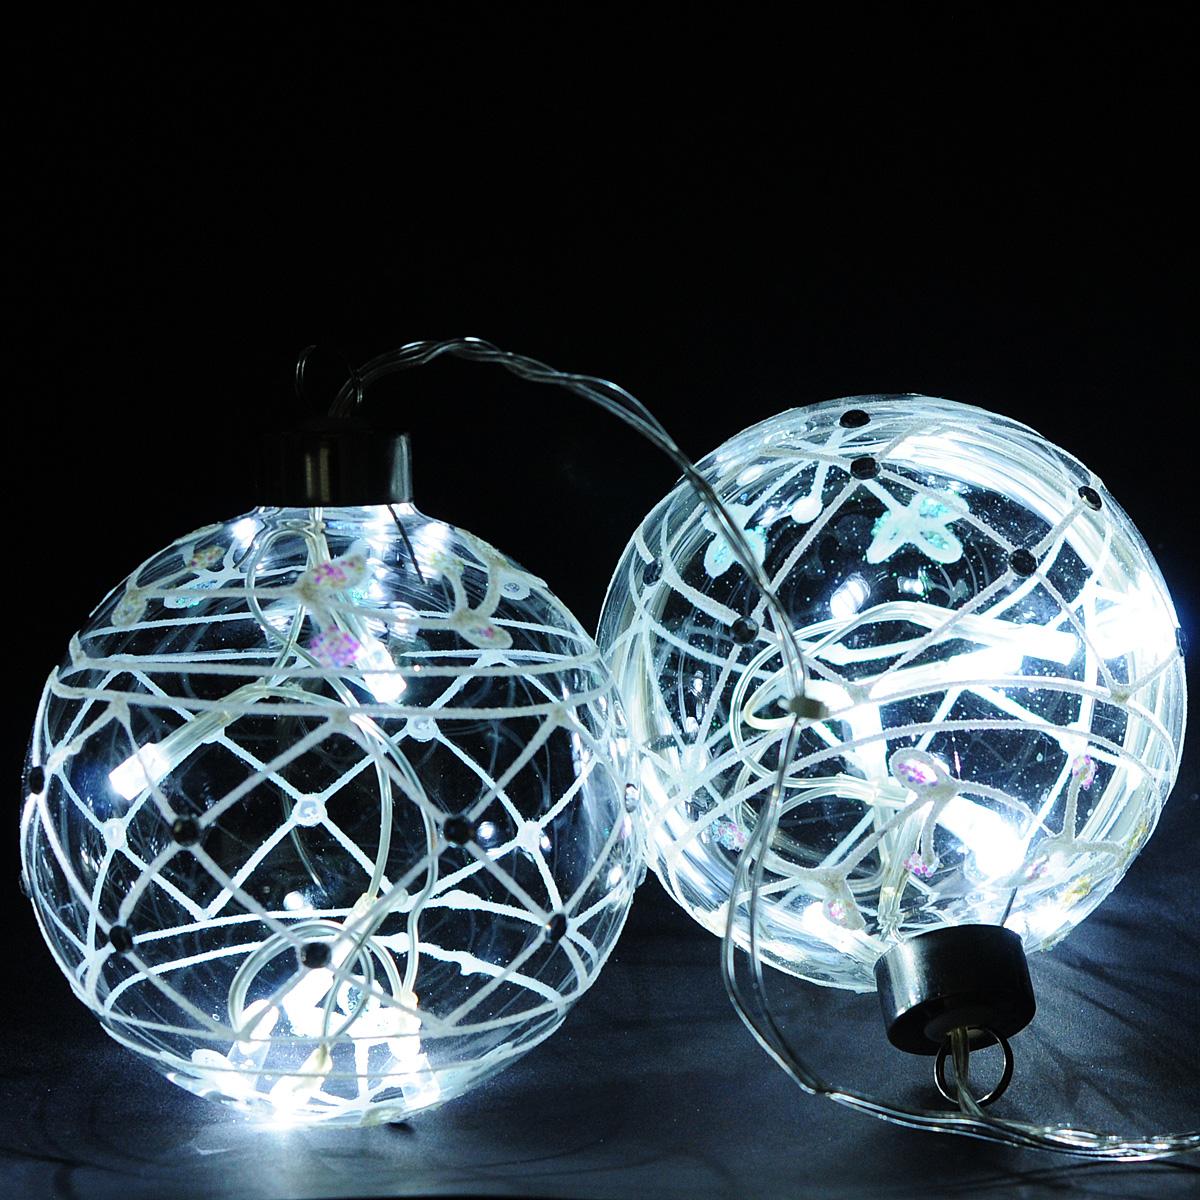 Гирлянда электрическая Lunten Ranta Шары, 12 светодиодов, 1,2 м60061Гирлянда электрическая Lunten Ranta Шары изготовлена из пластика и металла. Гирлянда выполнена в оригинальном стиле в виде двух стеклянных шаров, в которые помещены светодиоды. Шары декорированы блестками. Такая гирлянда украсит ваш дом. Оригинальный дизайн и красочное исполнение создадут праздничное настроение. Откройте для себя удивительный мир сказок и грез. Почувствуйте волшебные минуты ожидания праздника, создайте новогоднее настроение вашим дорогим и близким. Работает от сети 220В.